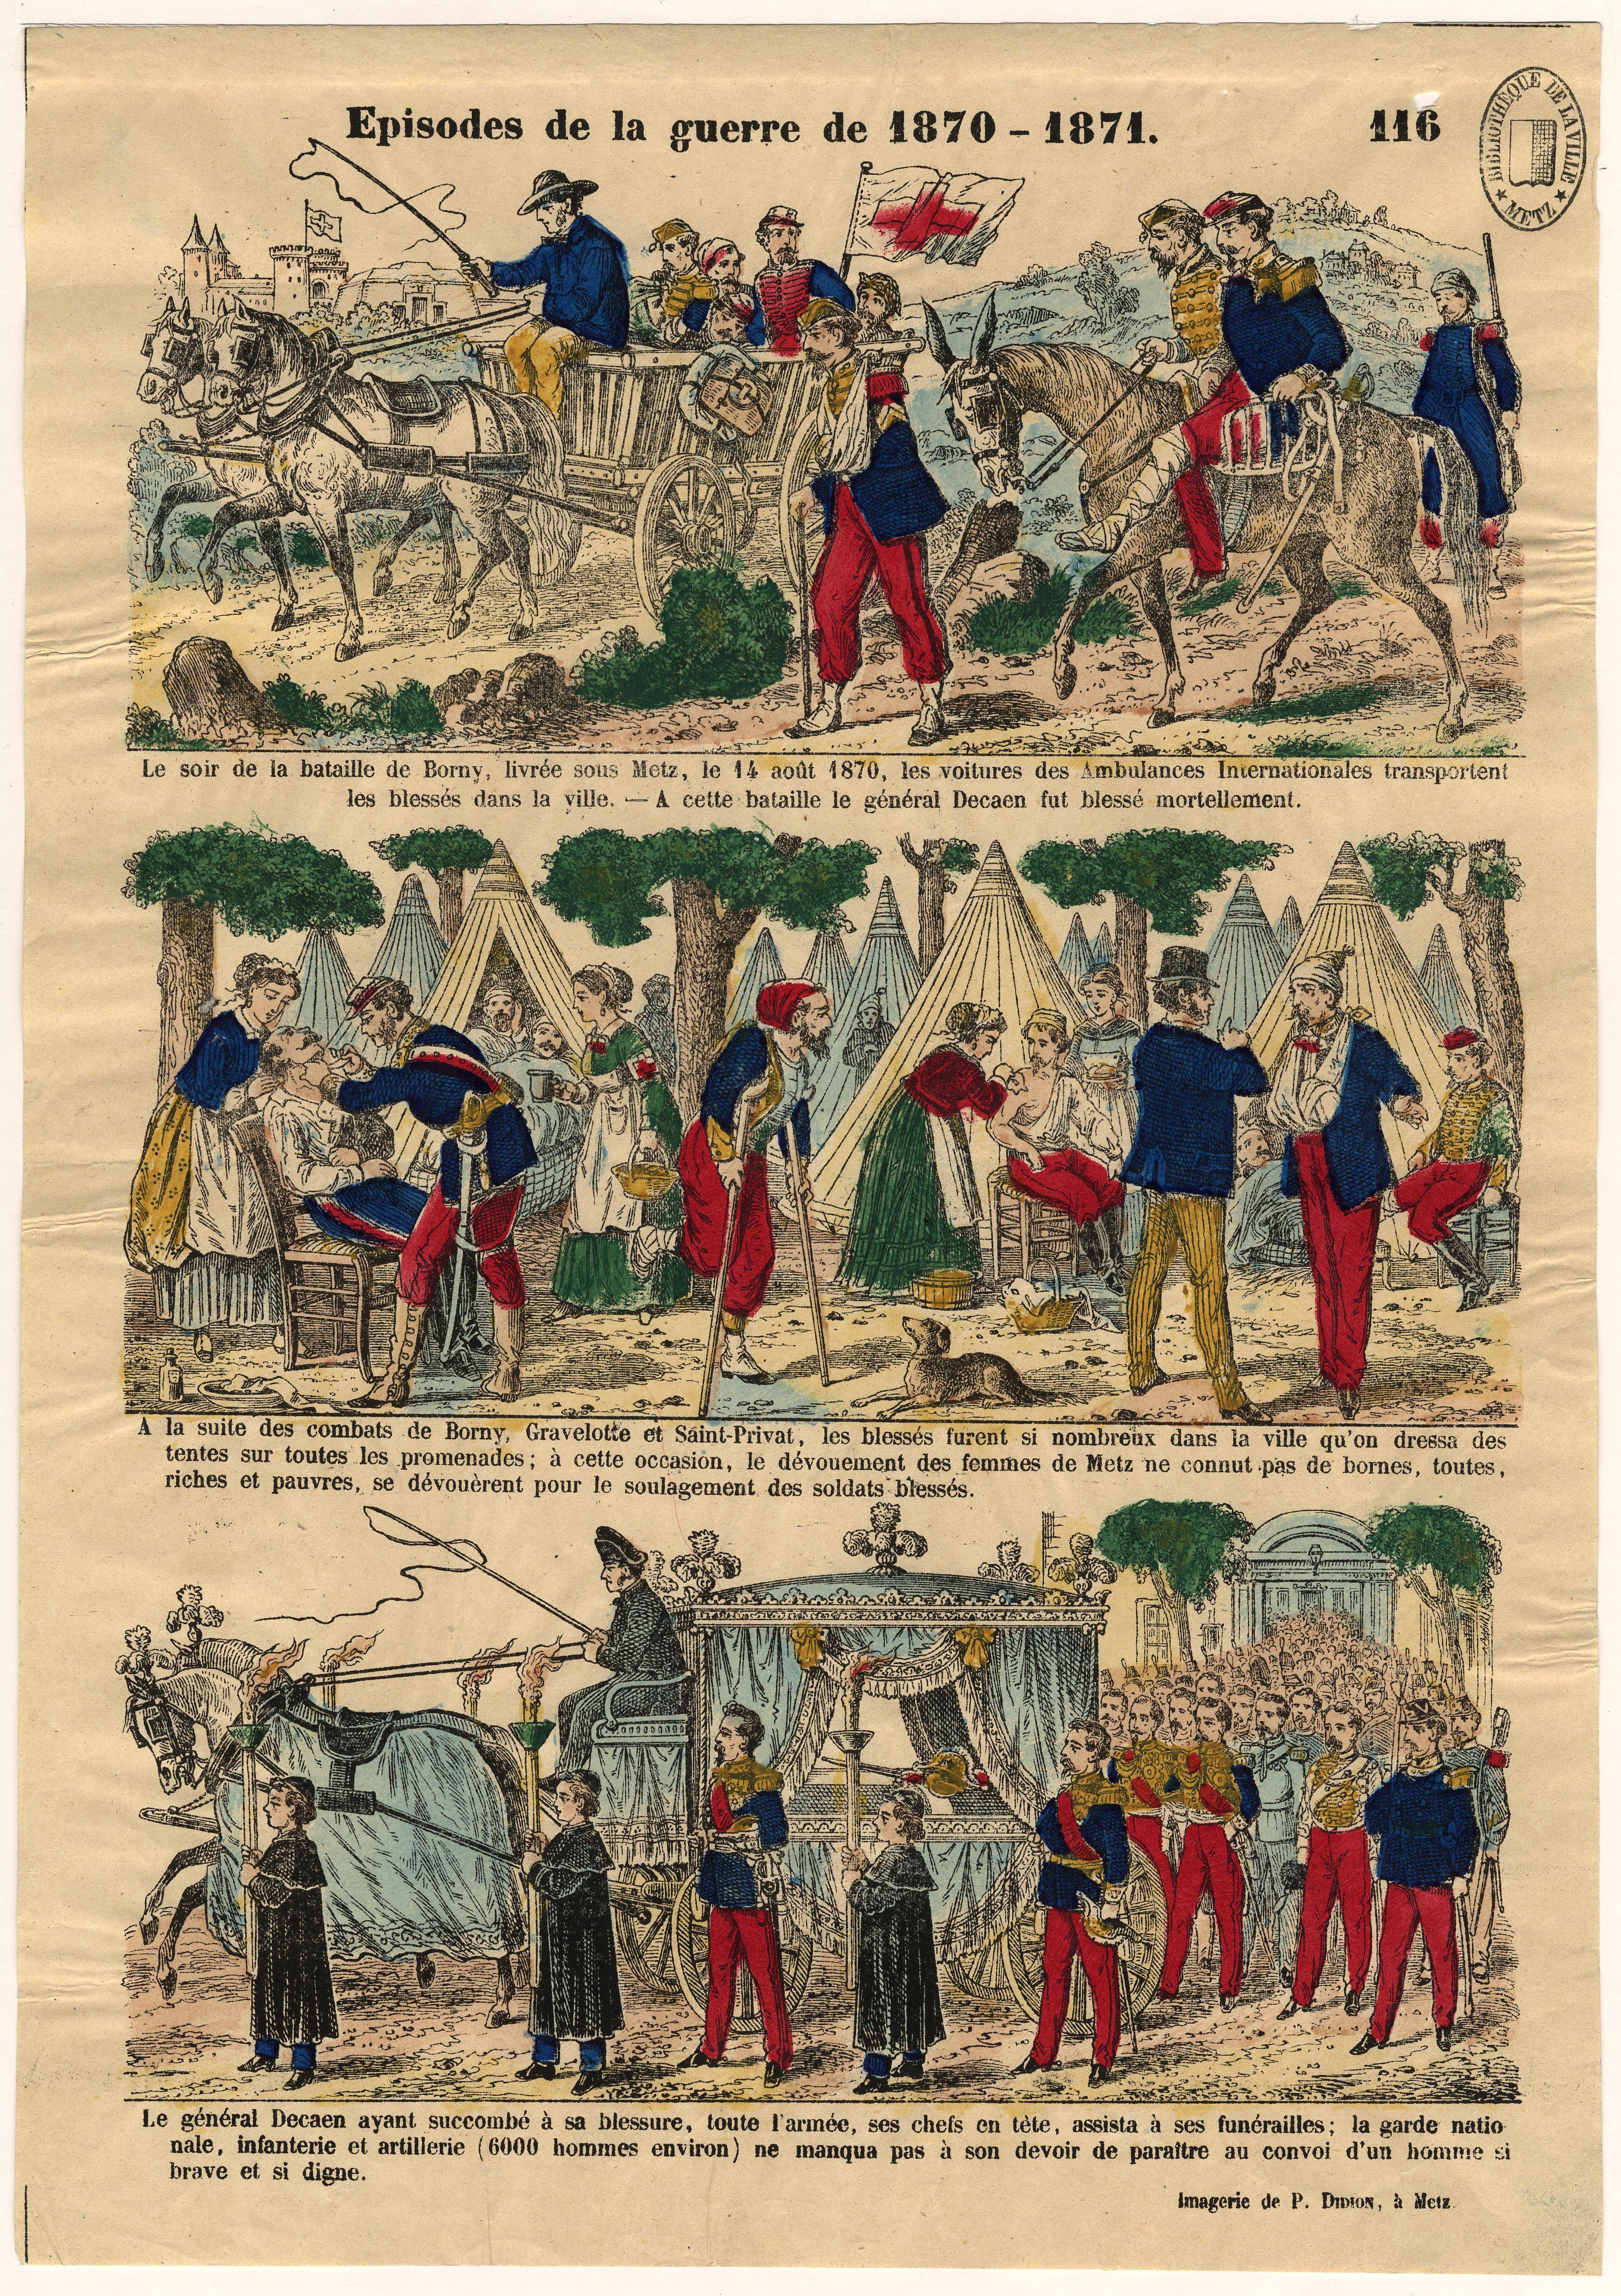 Contenu du Episodes de la guerre de 1870-1871